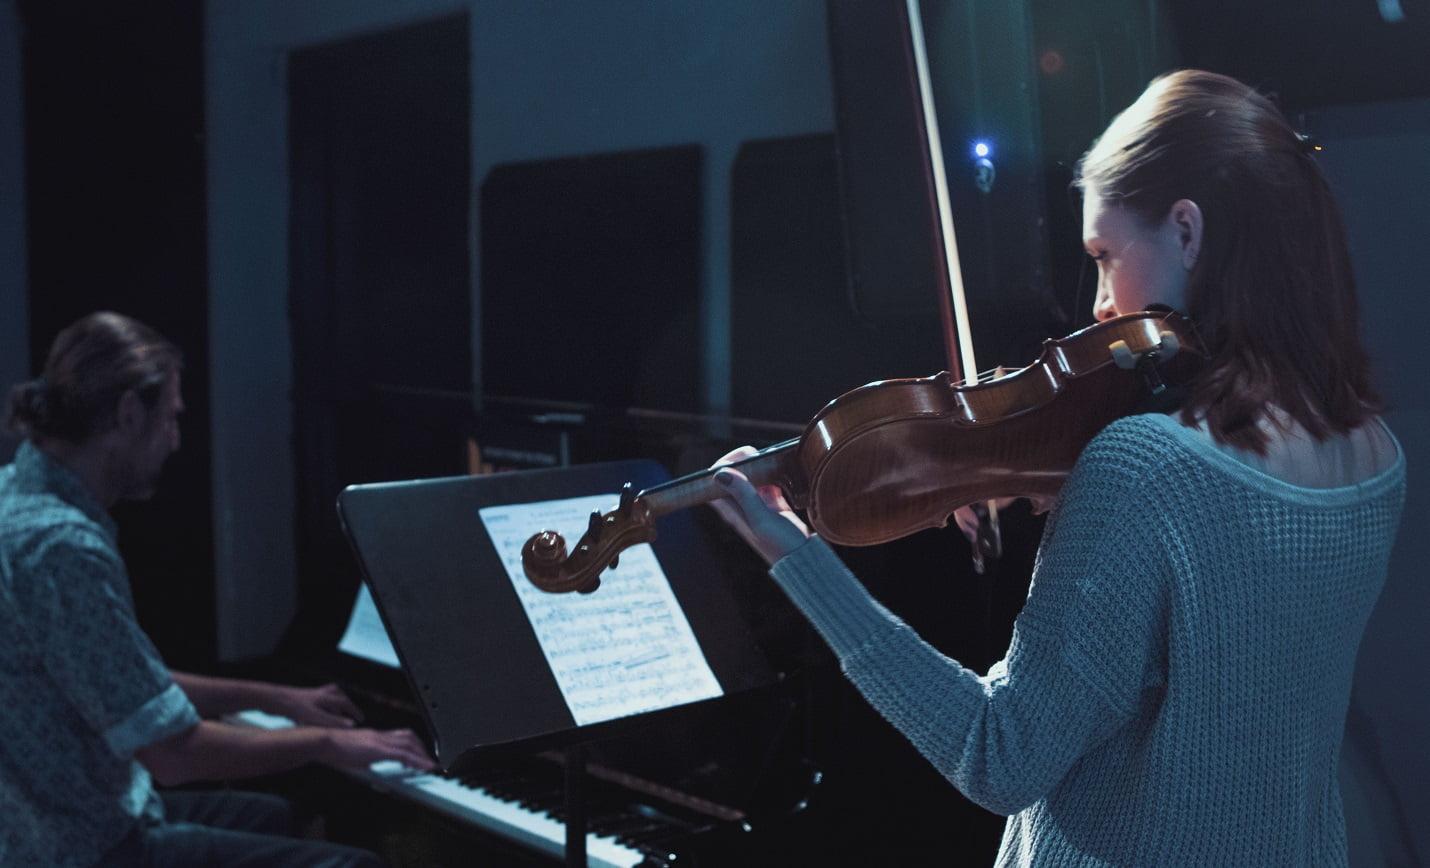 לימודי מקצועות התזמור והניצוח - מכללת BPM